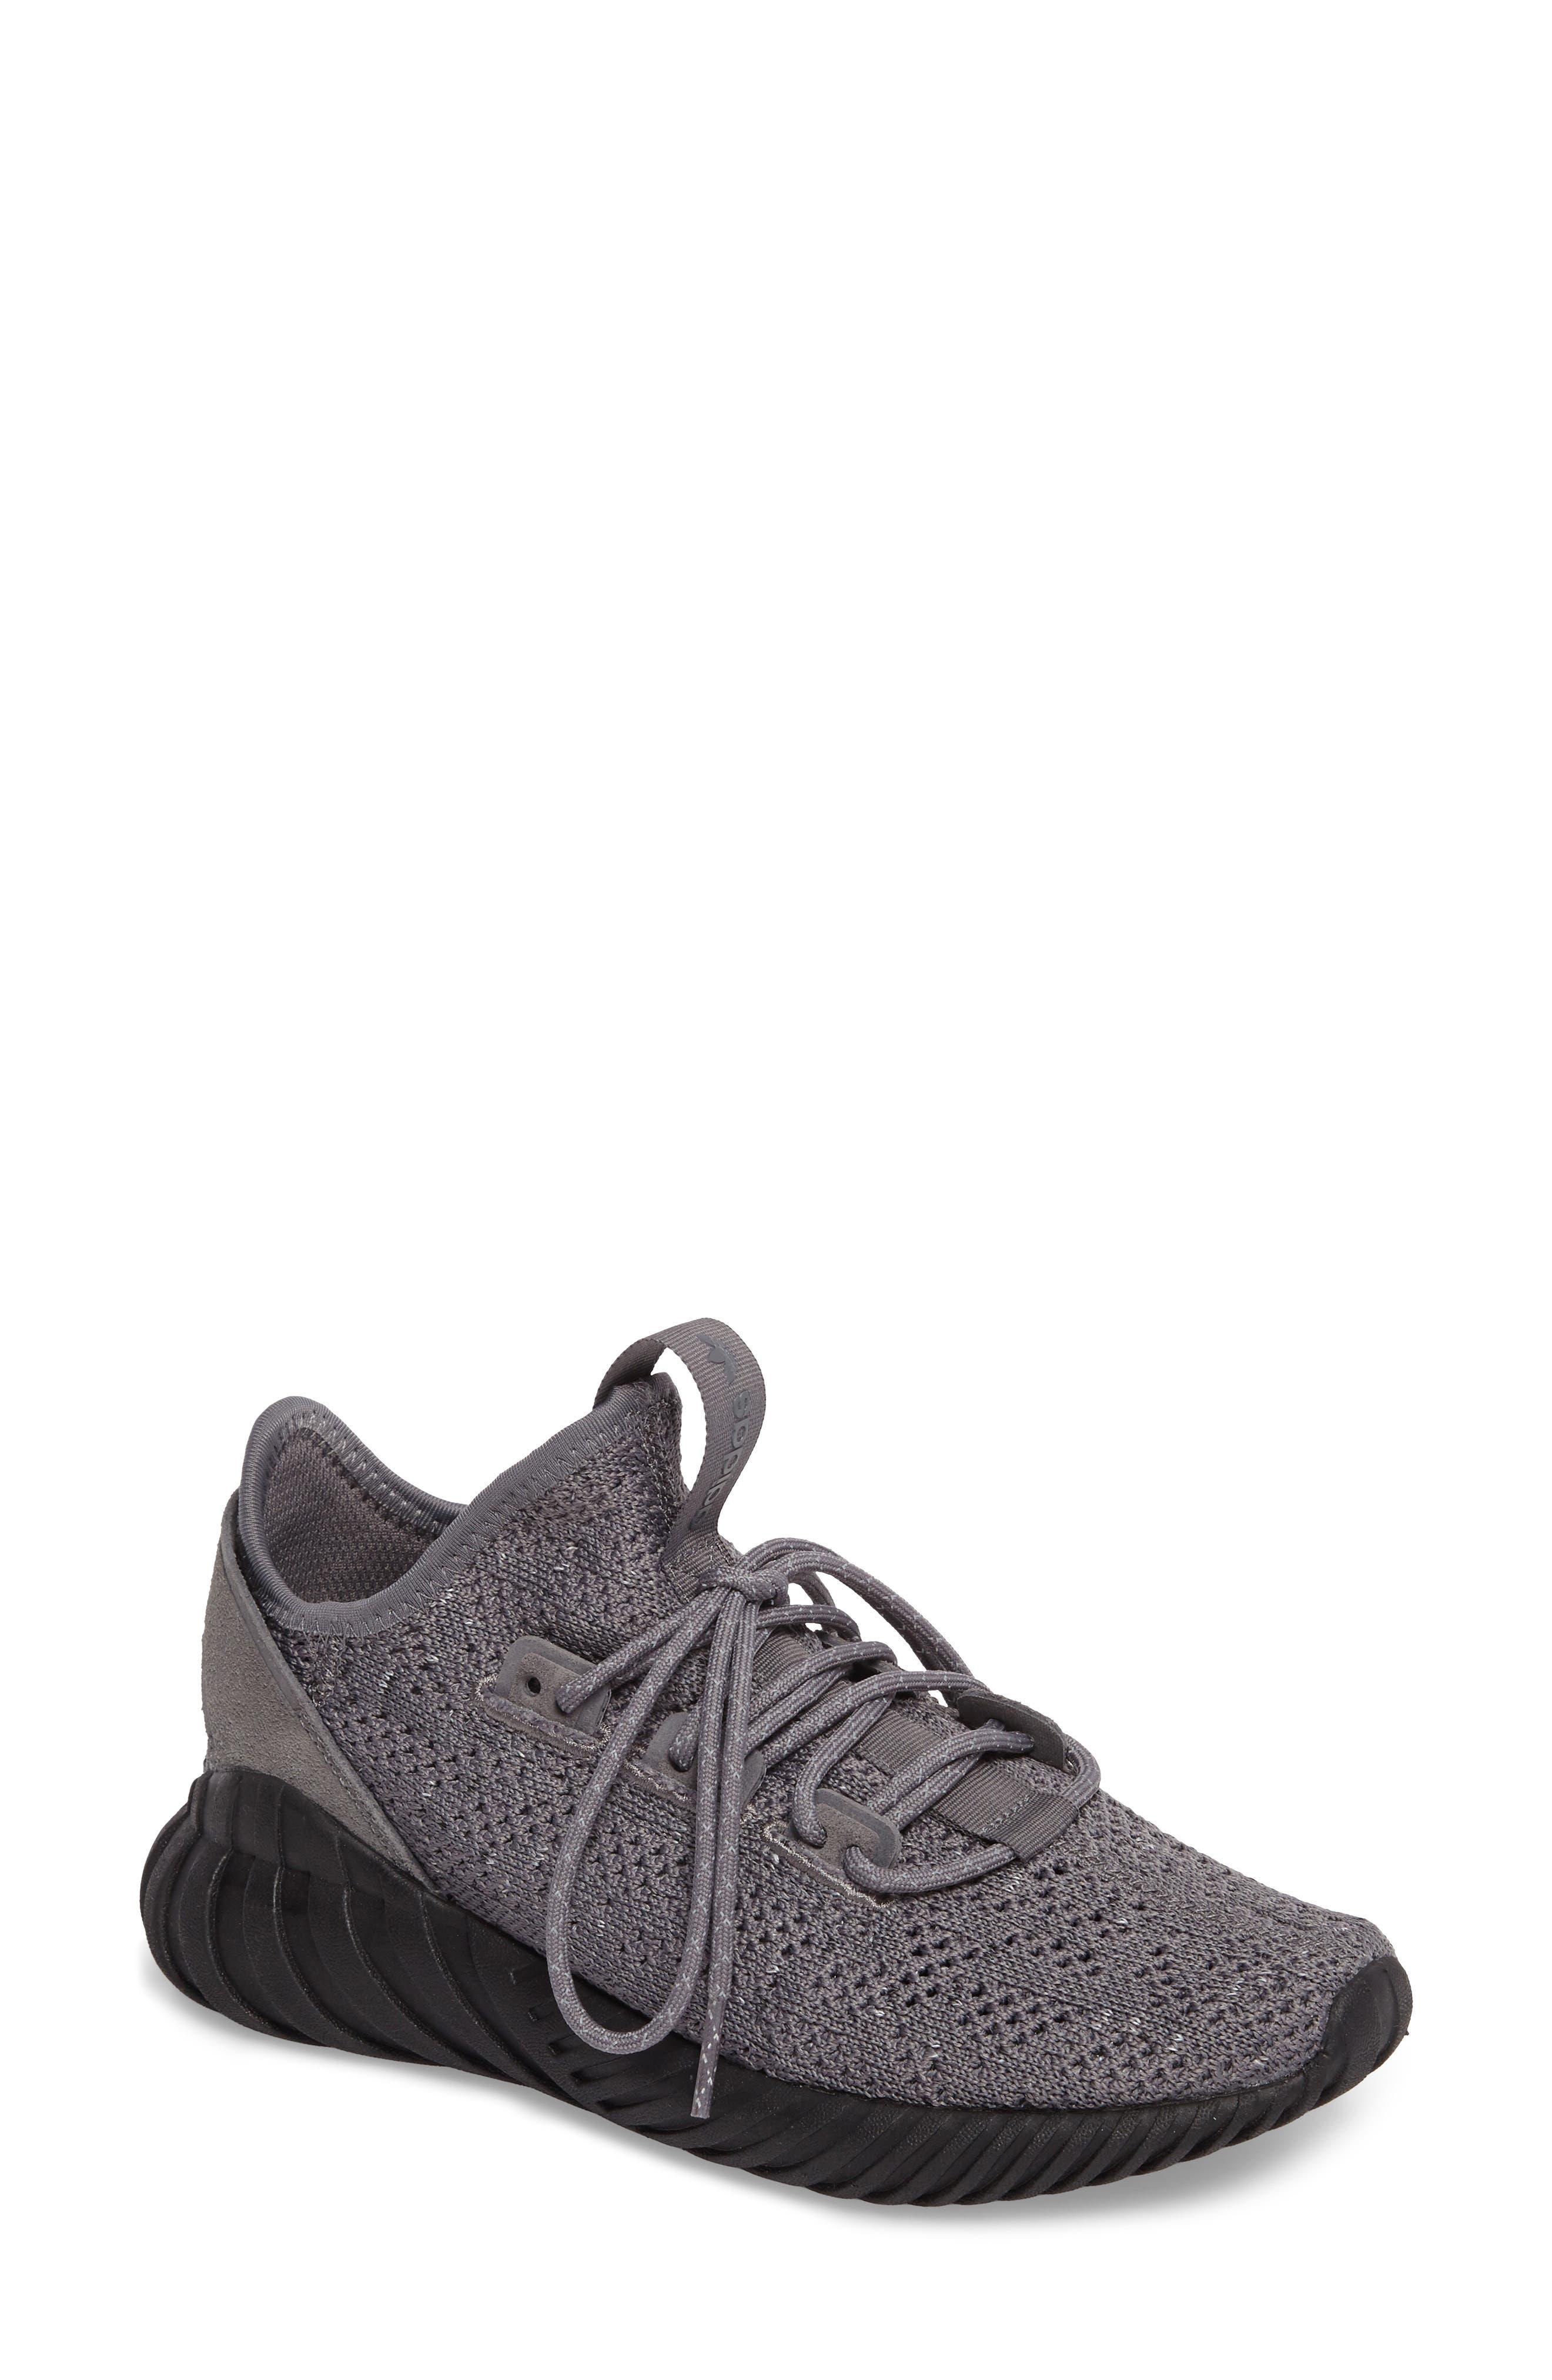 Tubular Doom Sock Primeknit Sneaker,                             Main thumbnail 1, color,                             Grey / Core Black/ White